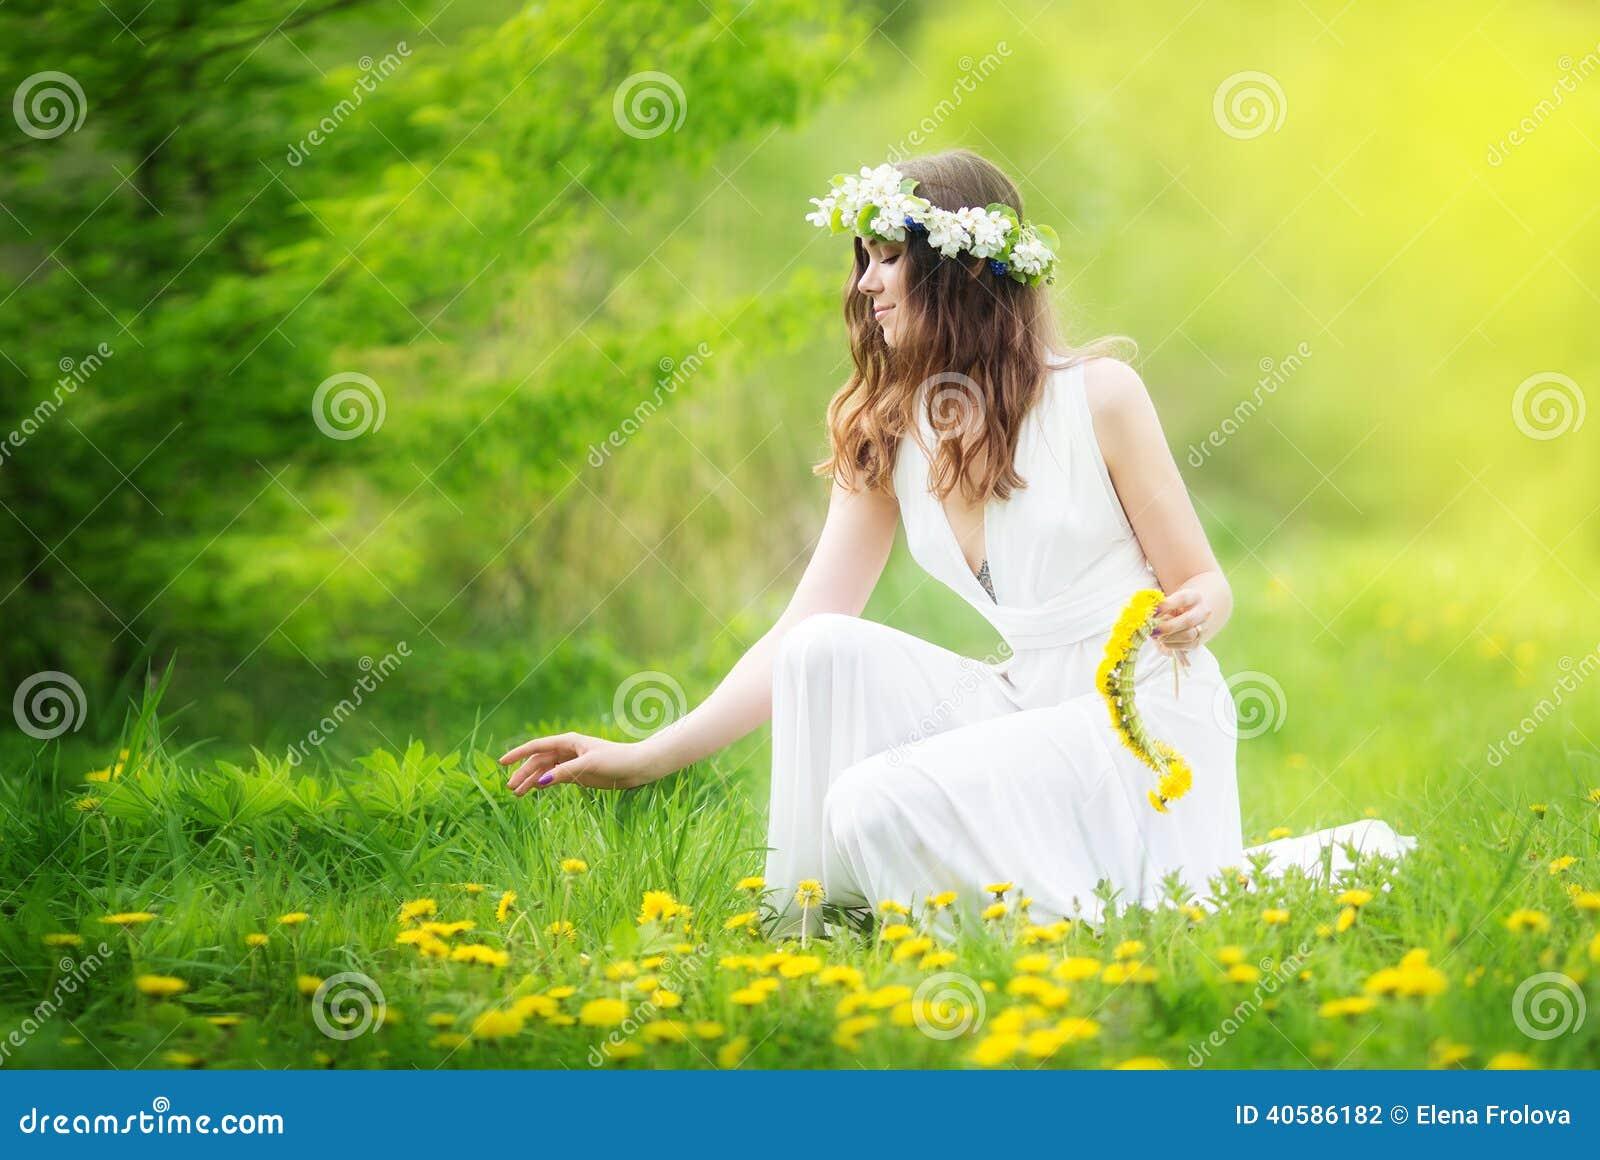 Het beeld van mooie vrouw in een witte kleding weeft slinger van dande